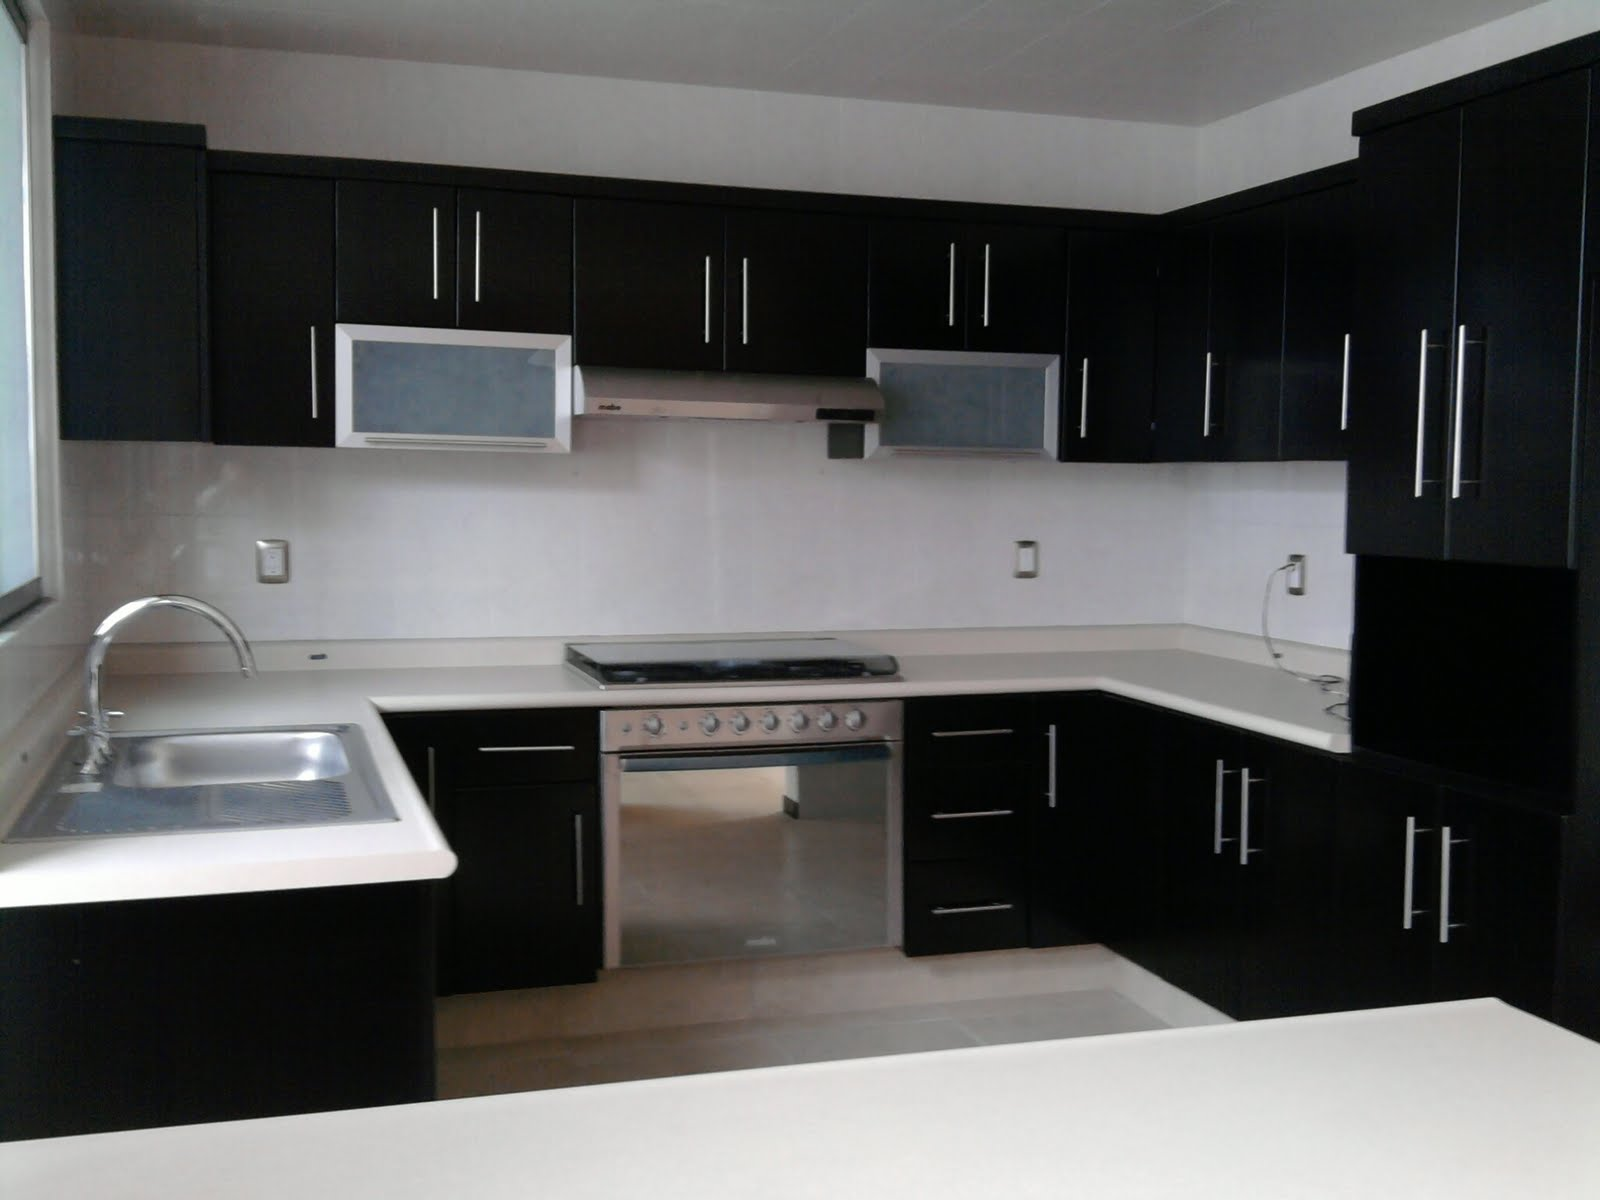 Excelente residencia minimalista comedor y cocina for Cocinas minimalistas 2016